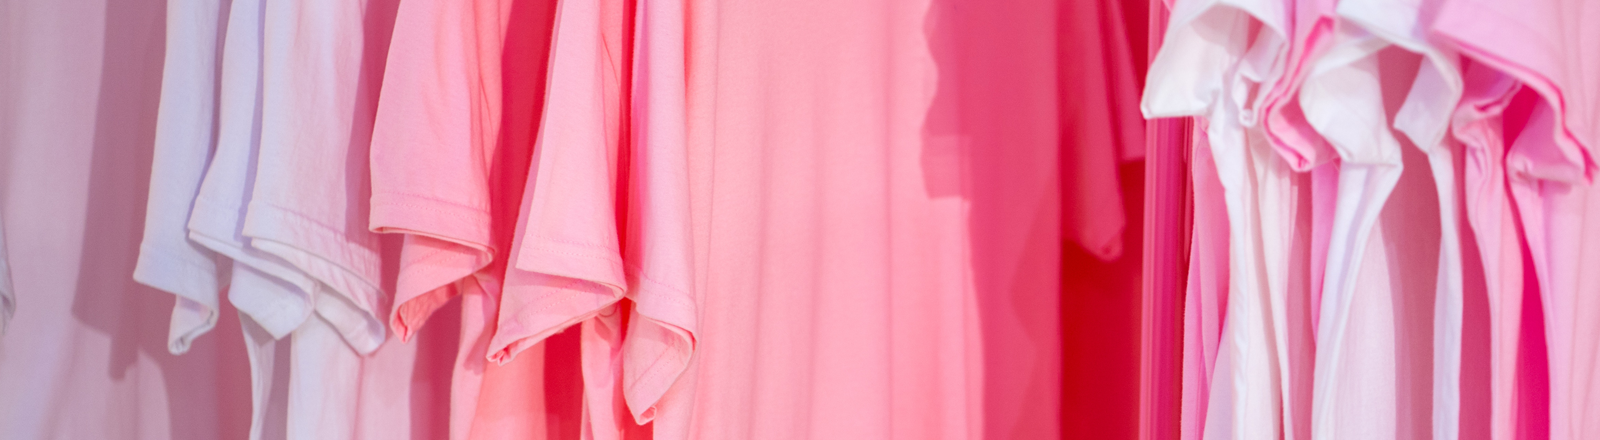 Eine Reihen pinker T-Shirts